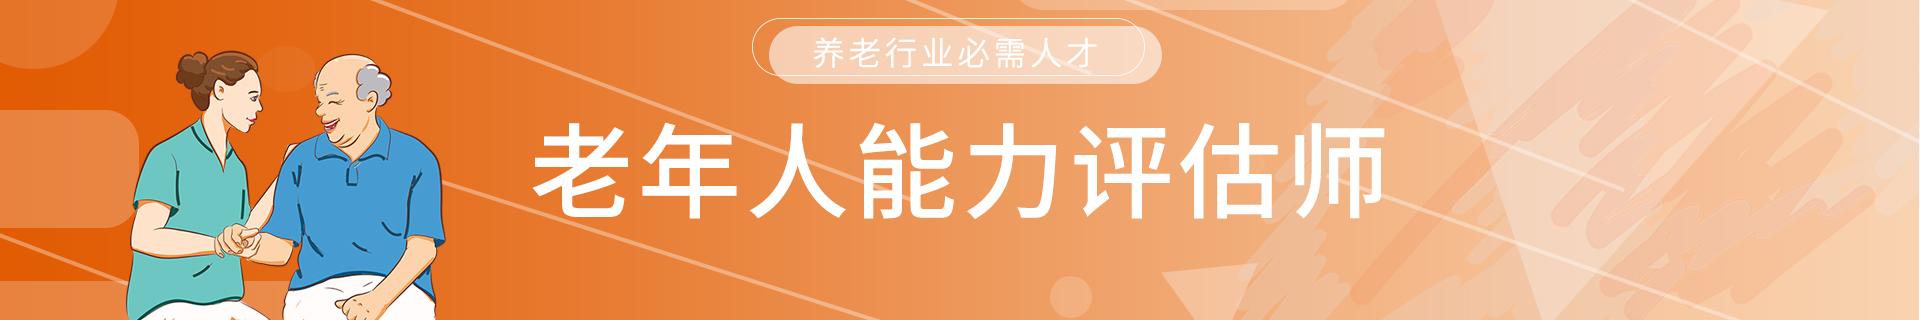 苏州张家港优路教育培训学校